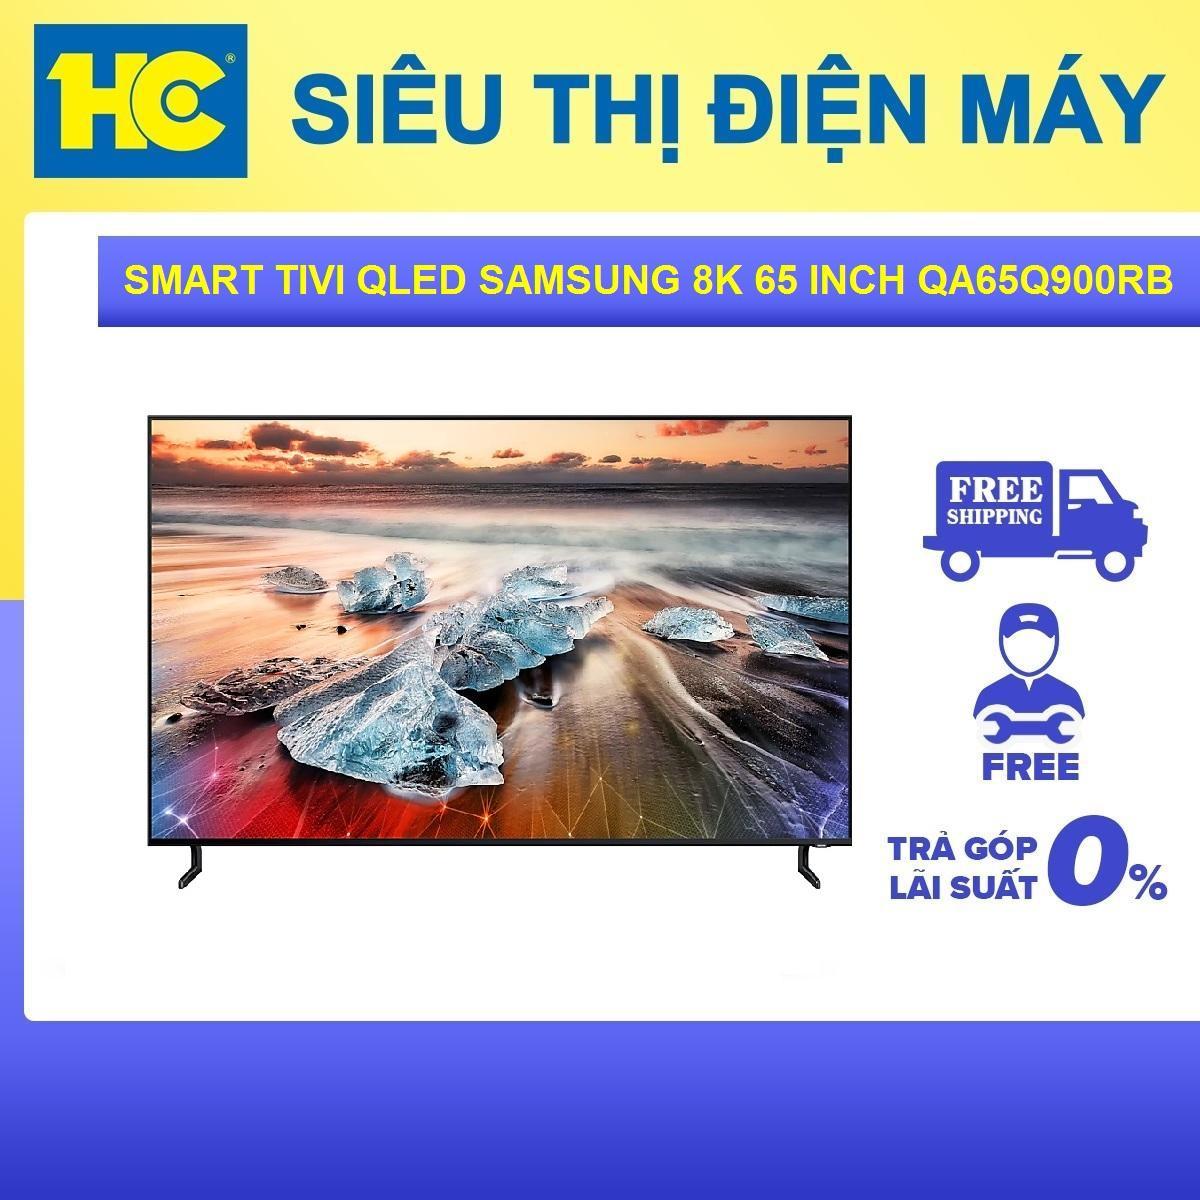 Bảng giá Smart Tivi QLED Samsung 8K 65 inch QA65Q900RBKXXV - Bảo hành 2 năm - Miễn phí vận chuyển & lắp đặt - hỗ trợ trả góp